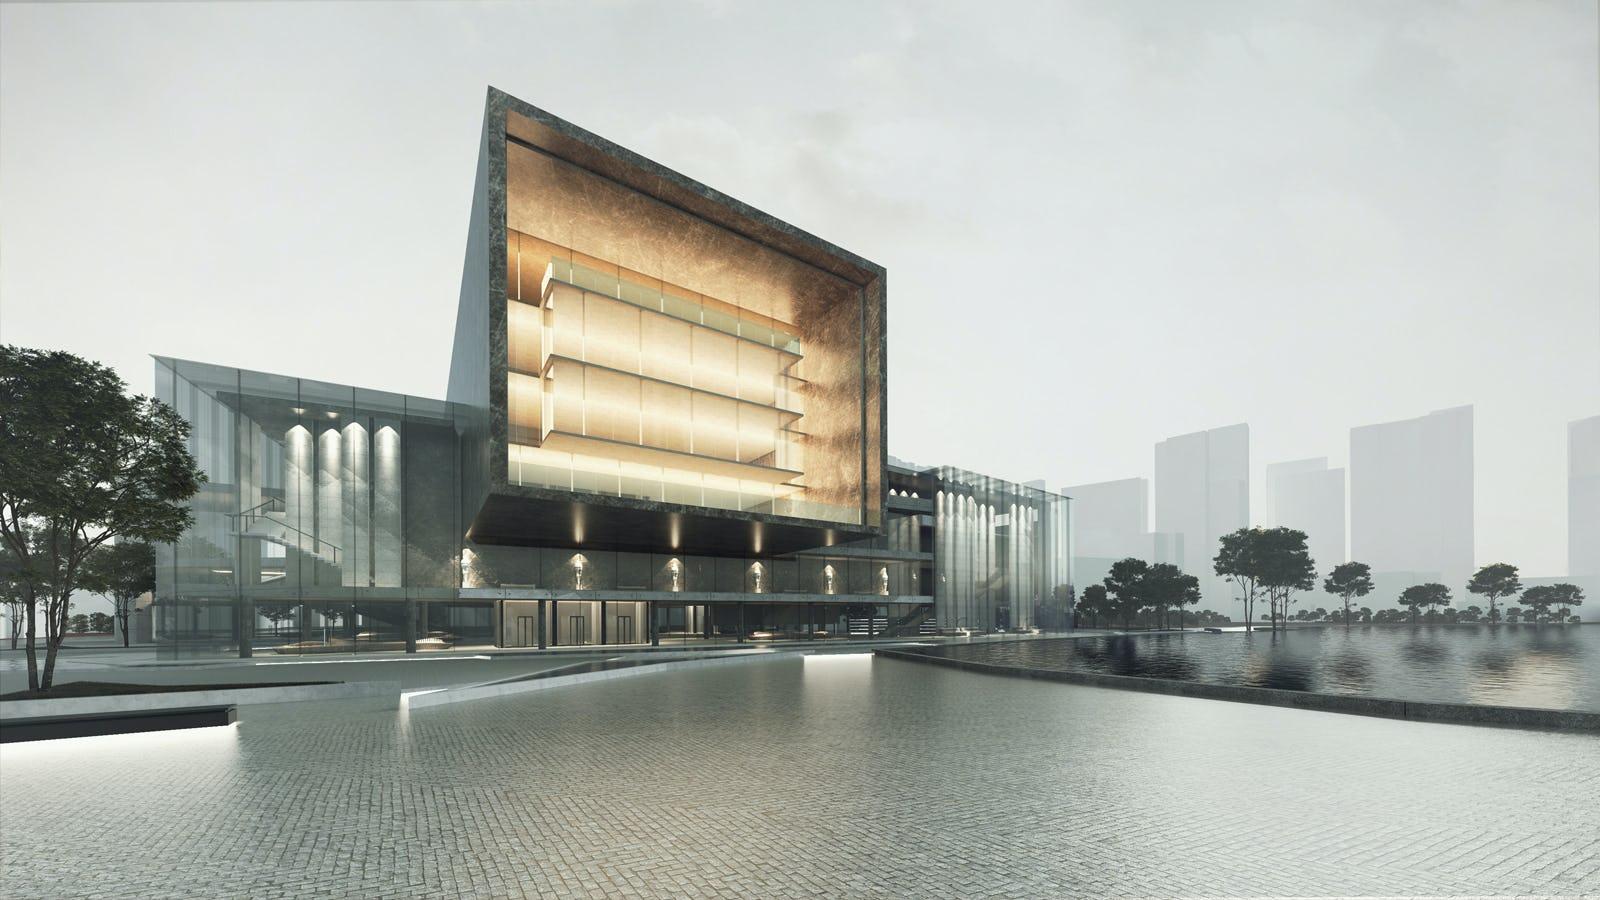 Cultural centre sri lanka 01